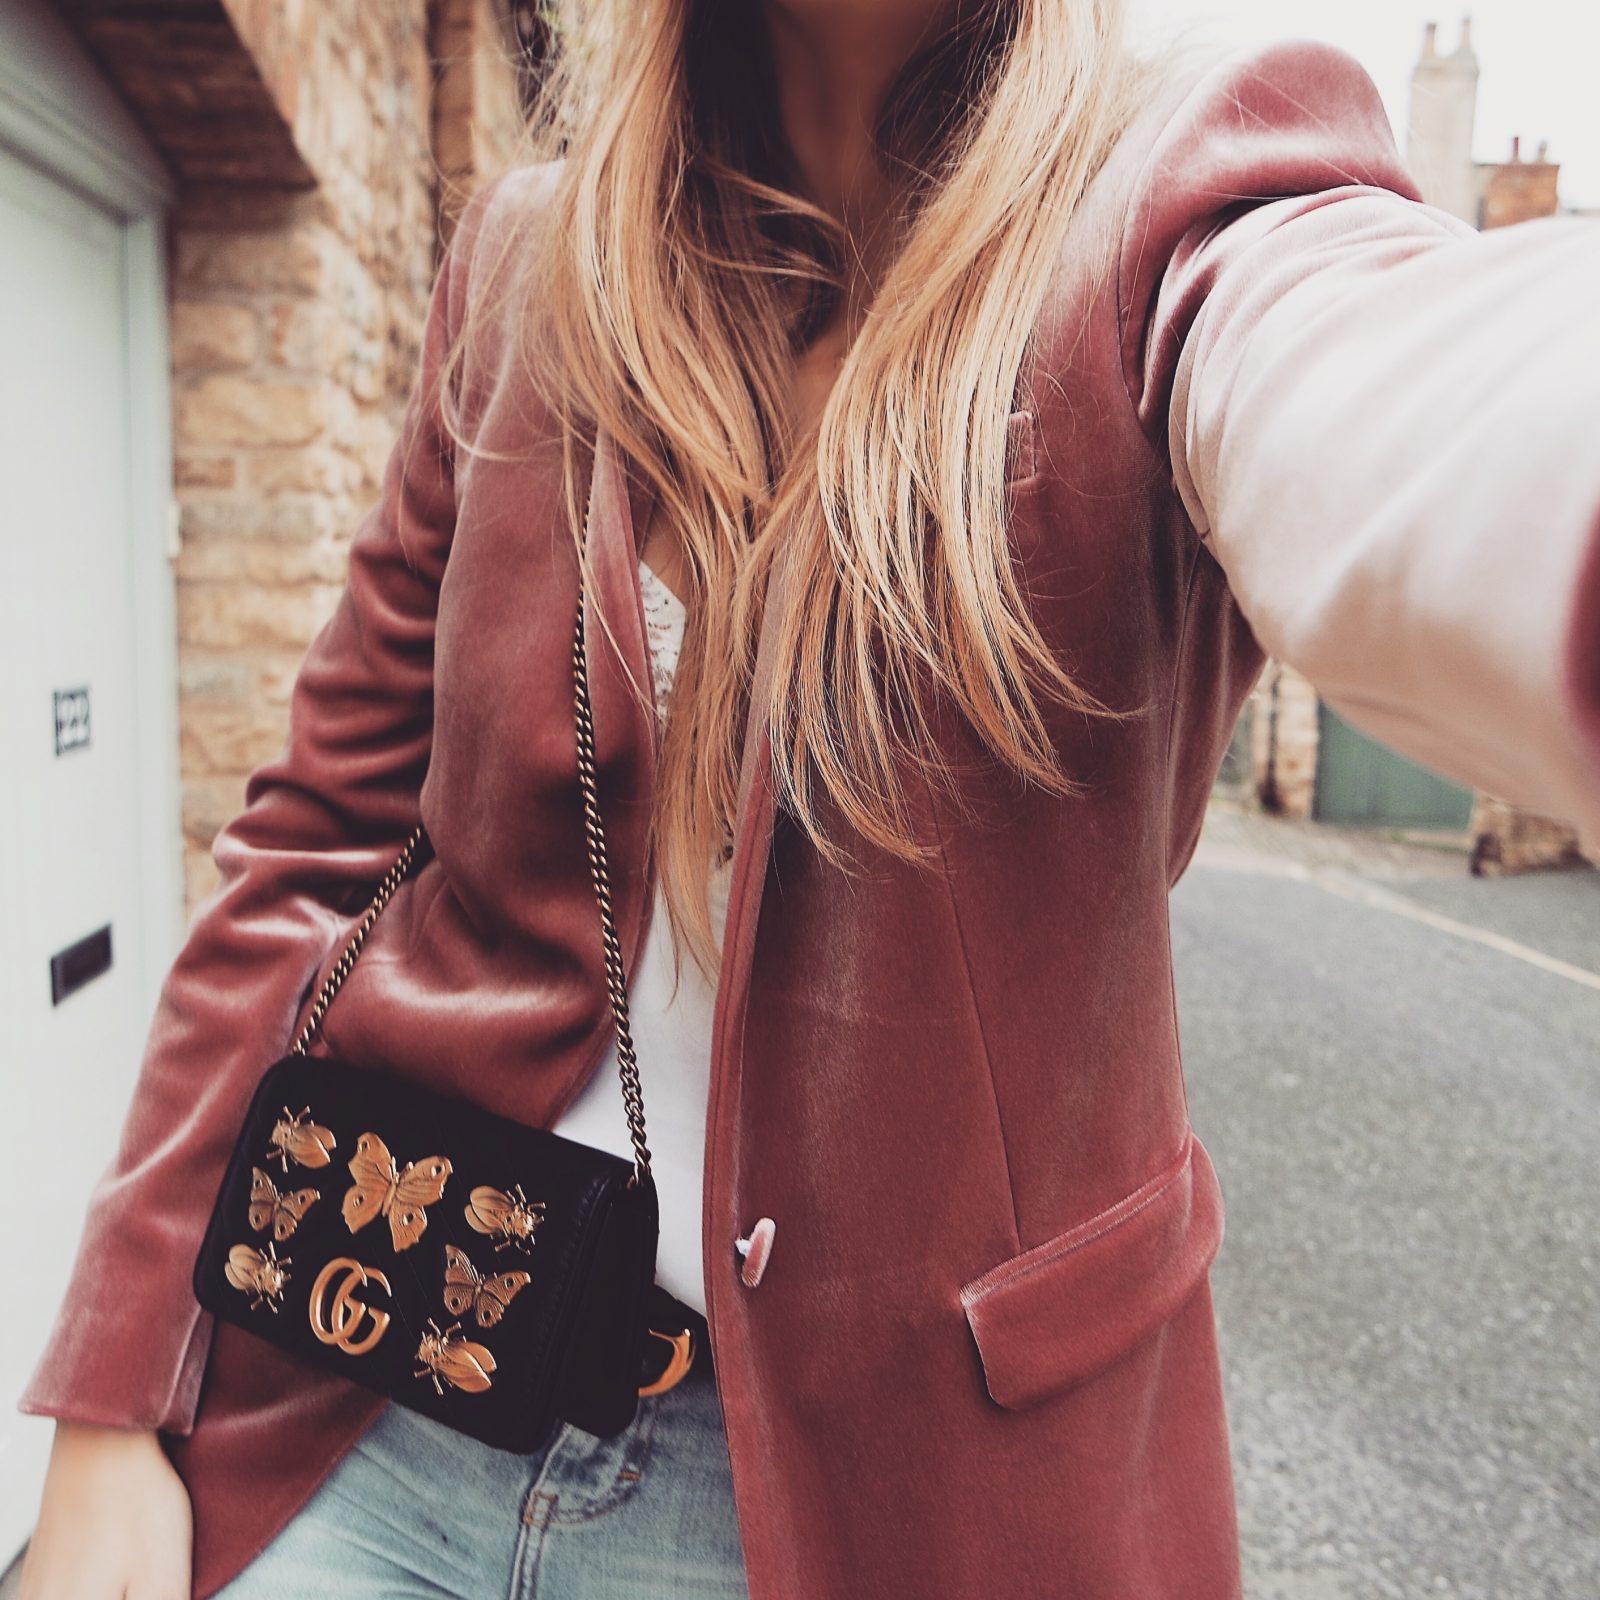 Pink Velvet Blazer - Gucci Marmont Bug Bag